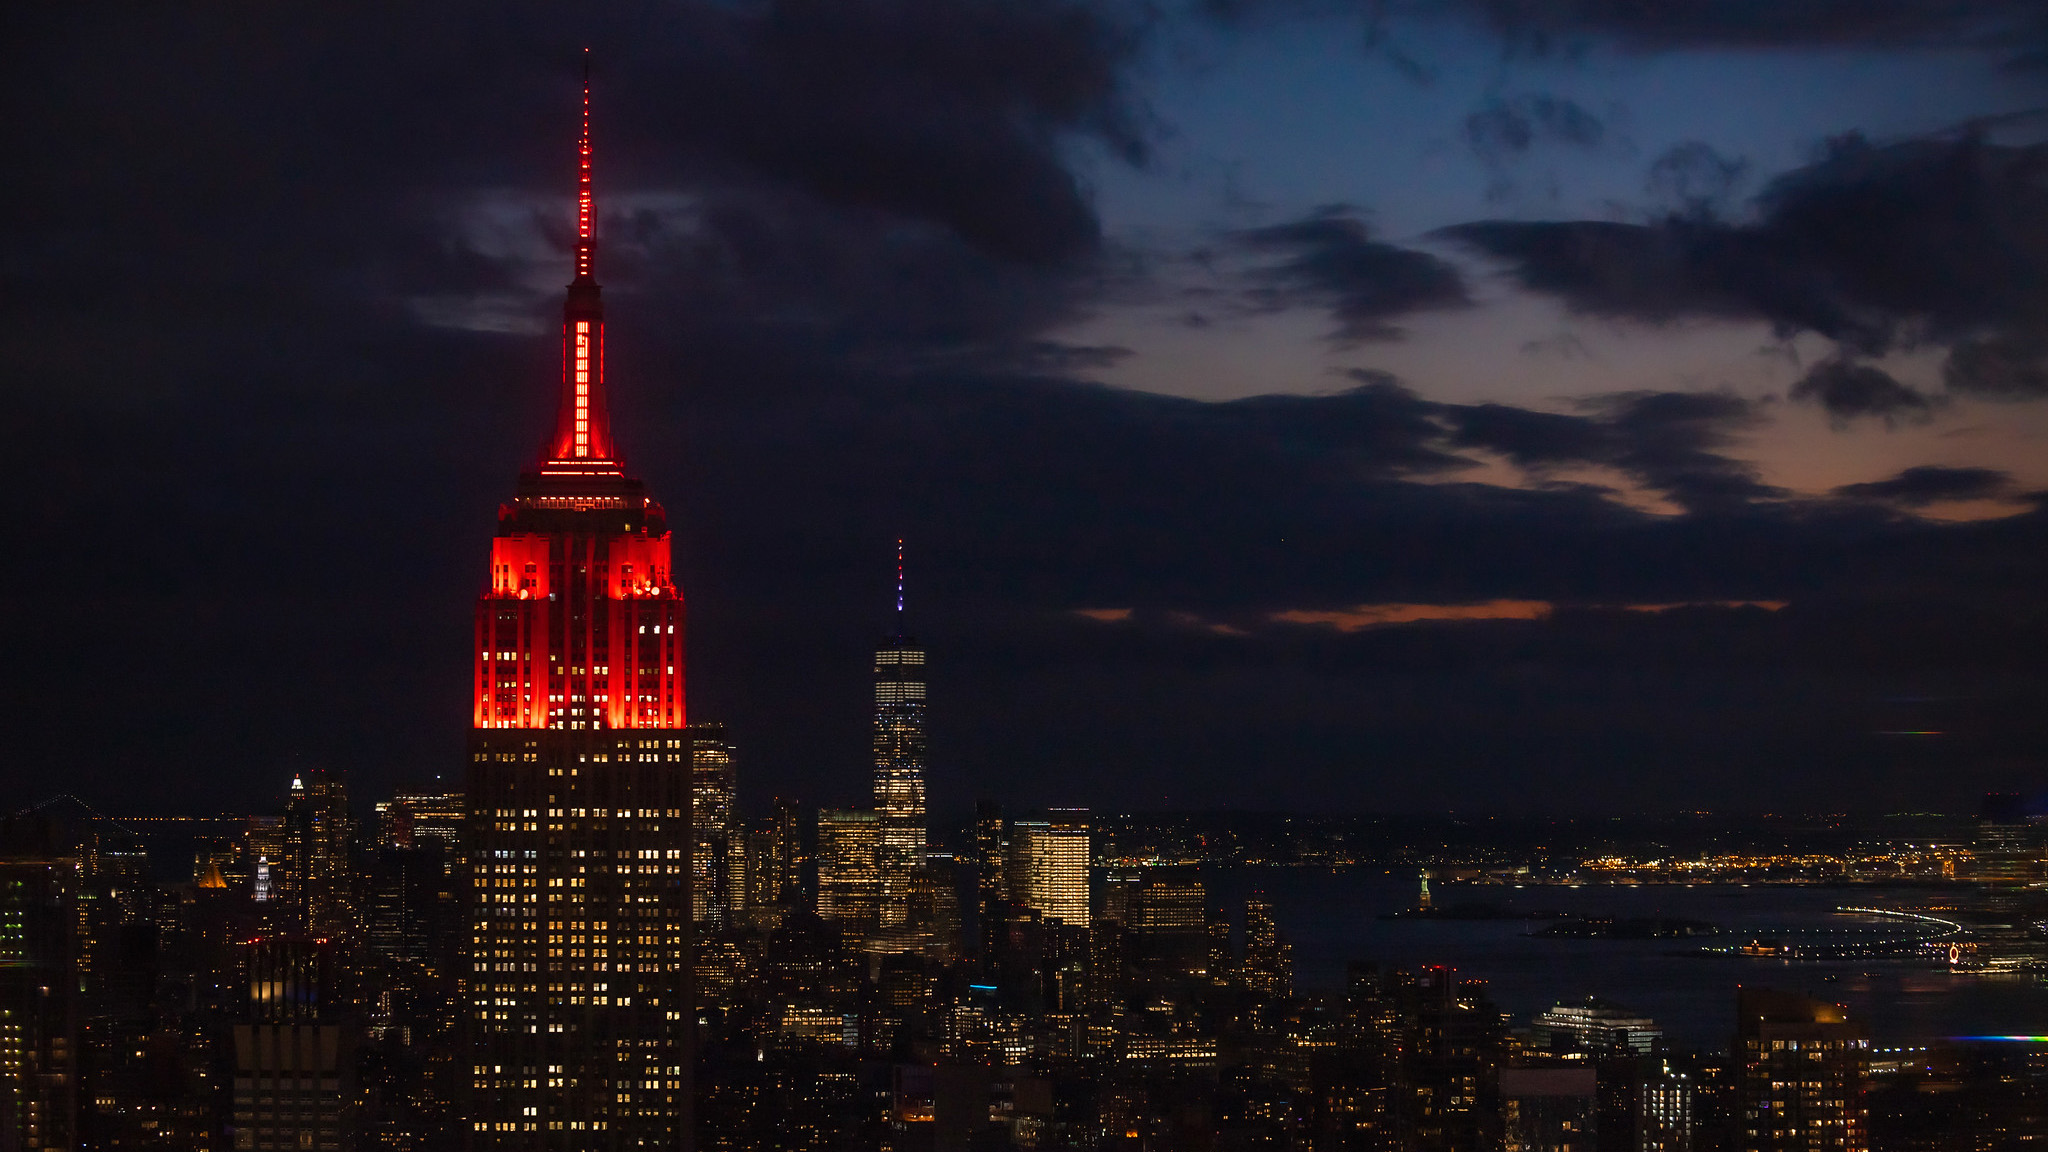 L'Empire State Building à New York a été éclairé par des lumières rouges pour célébrer l'atterrissage du rover Mars Perseverance de la NASA.